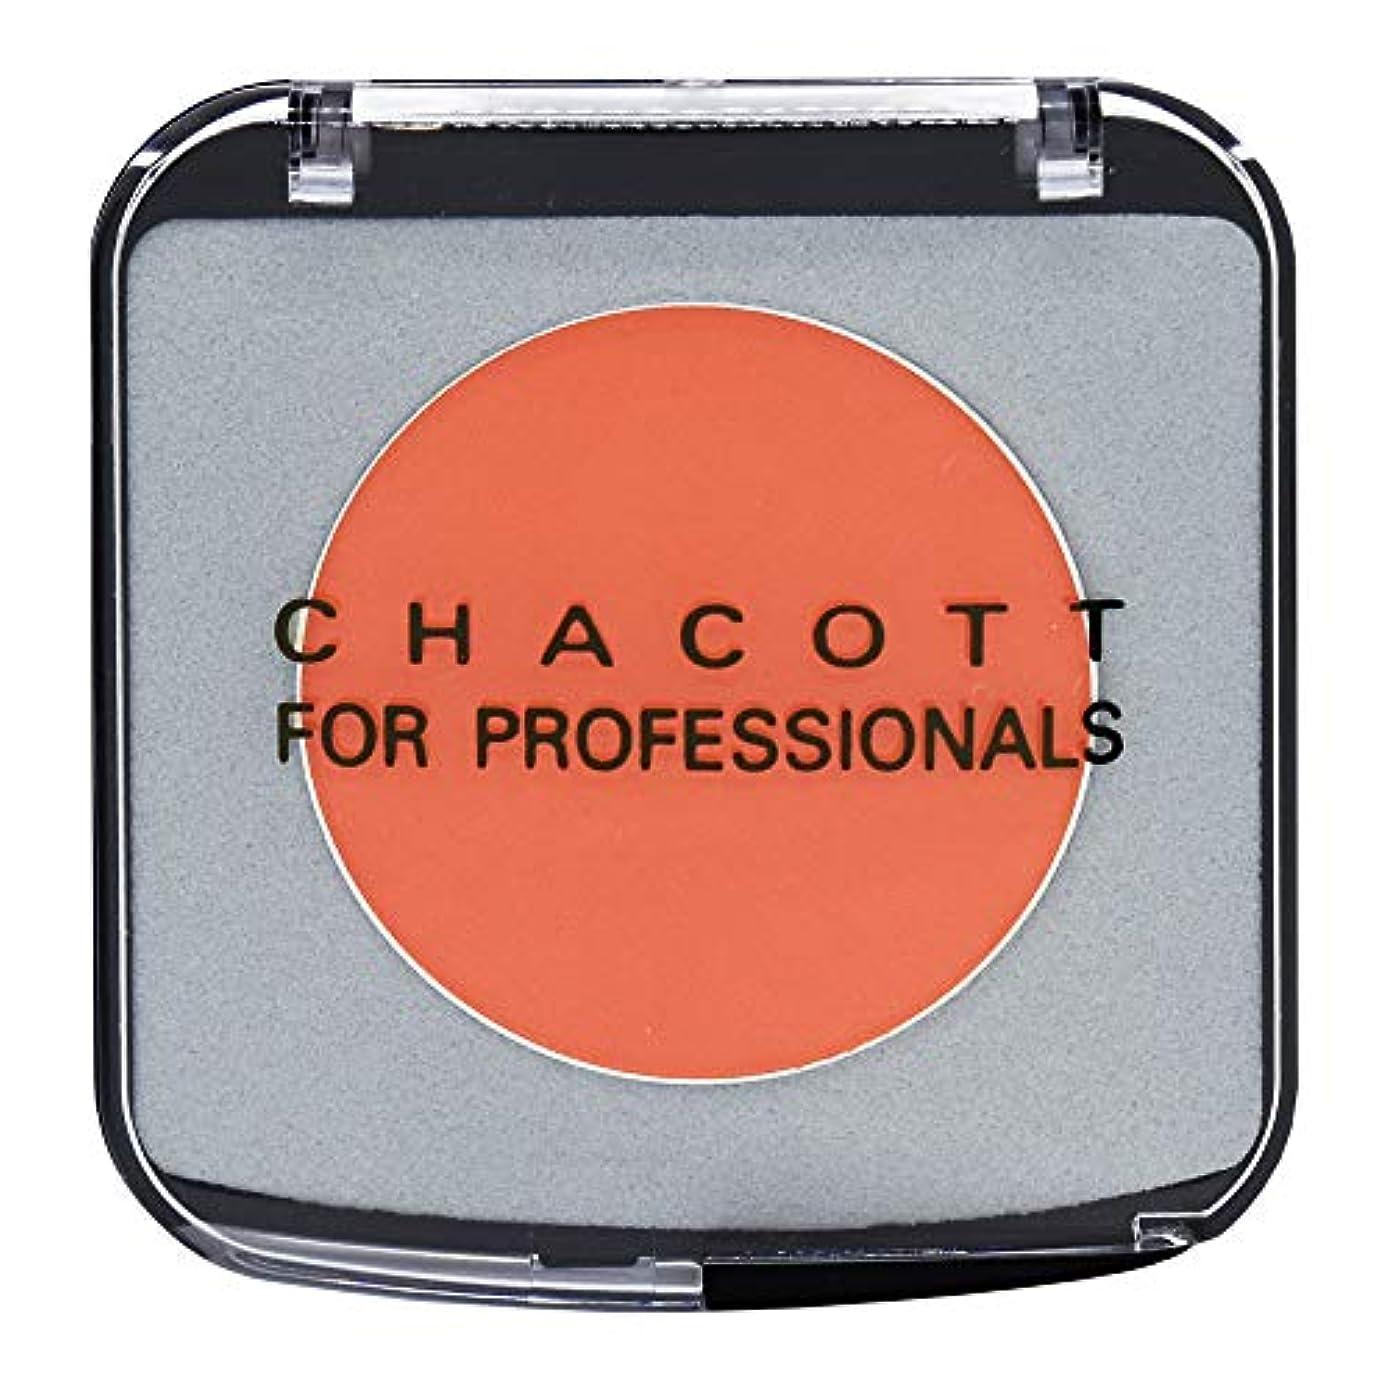 血色の良い不定活性化CHACOTT<チャコット> カラーバリエーション 619.フレームポピー